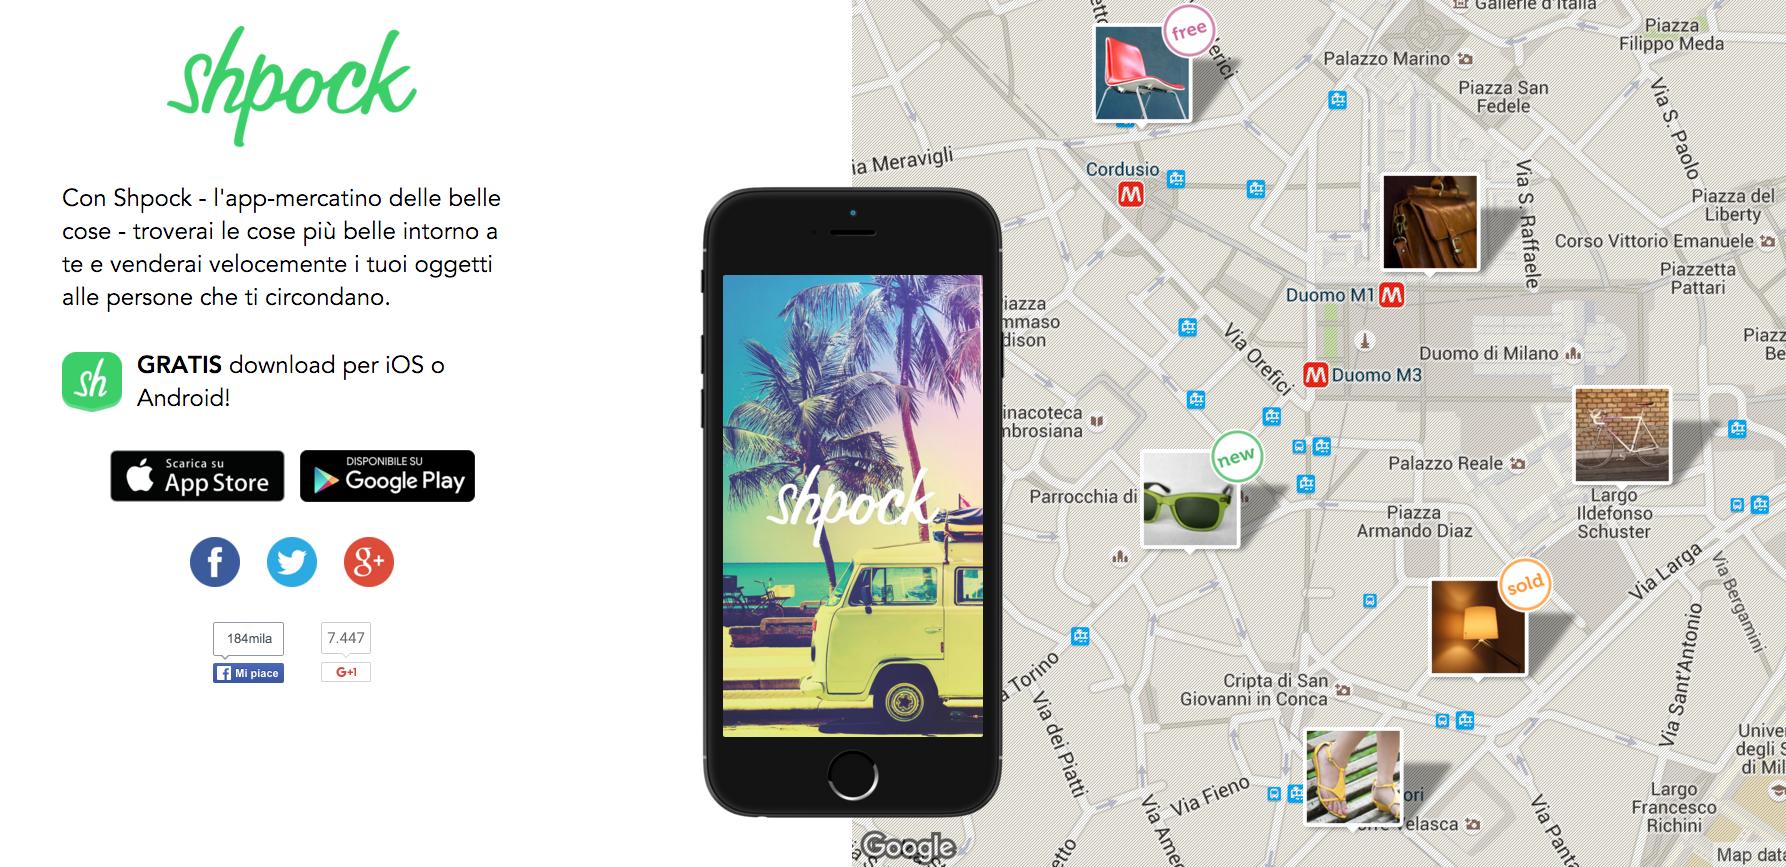 Shpock-app-mercatino